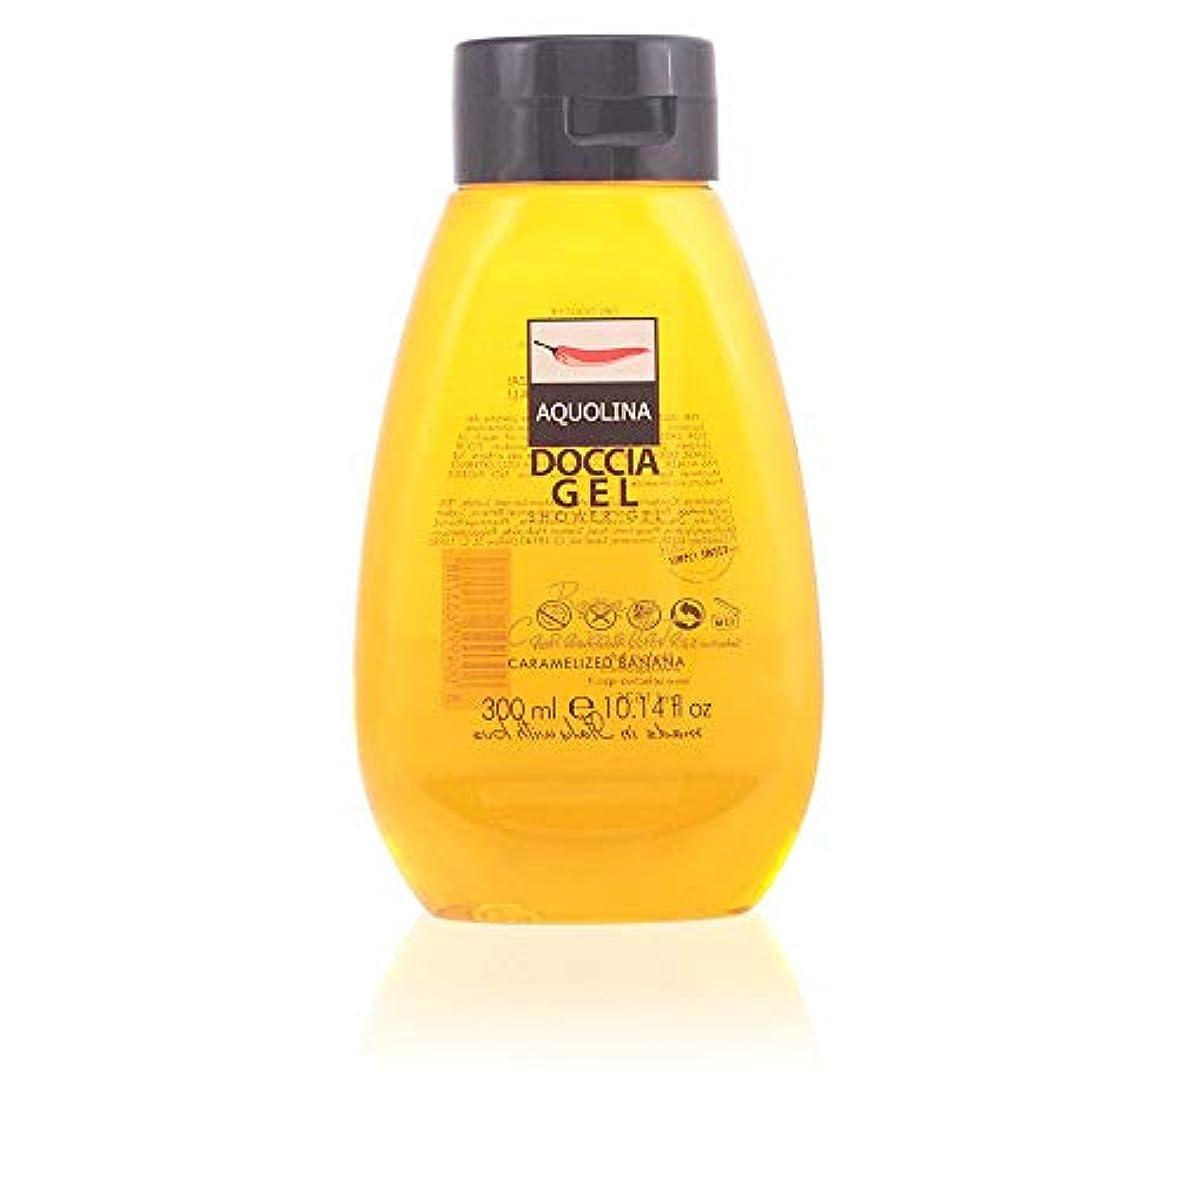 インフラ次水【アクオリナ】トラディショナル シャワージェル バナナ 300ml [並行輸入品]